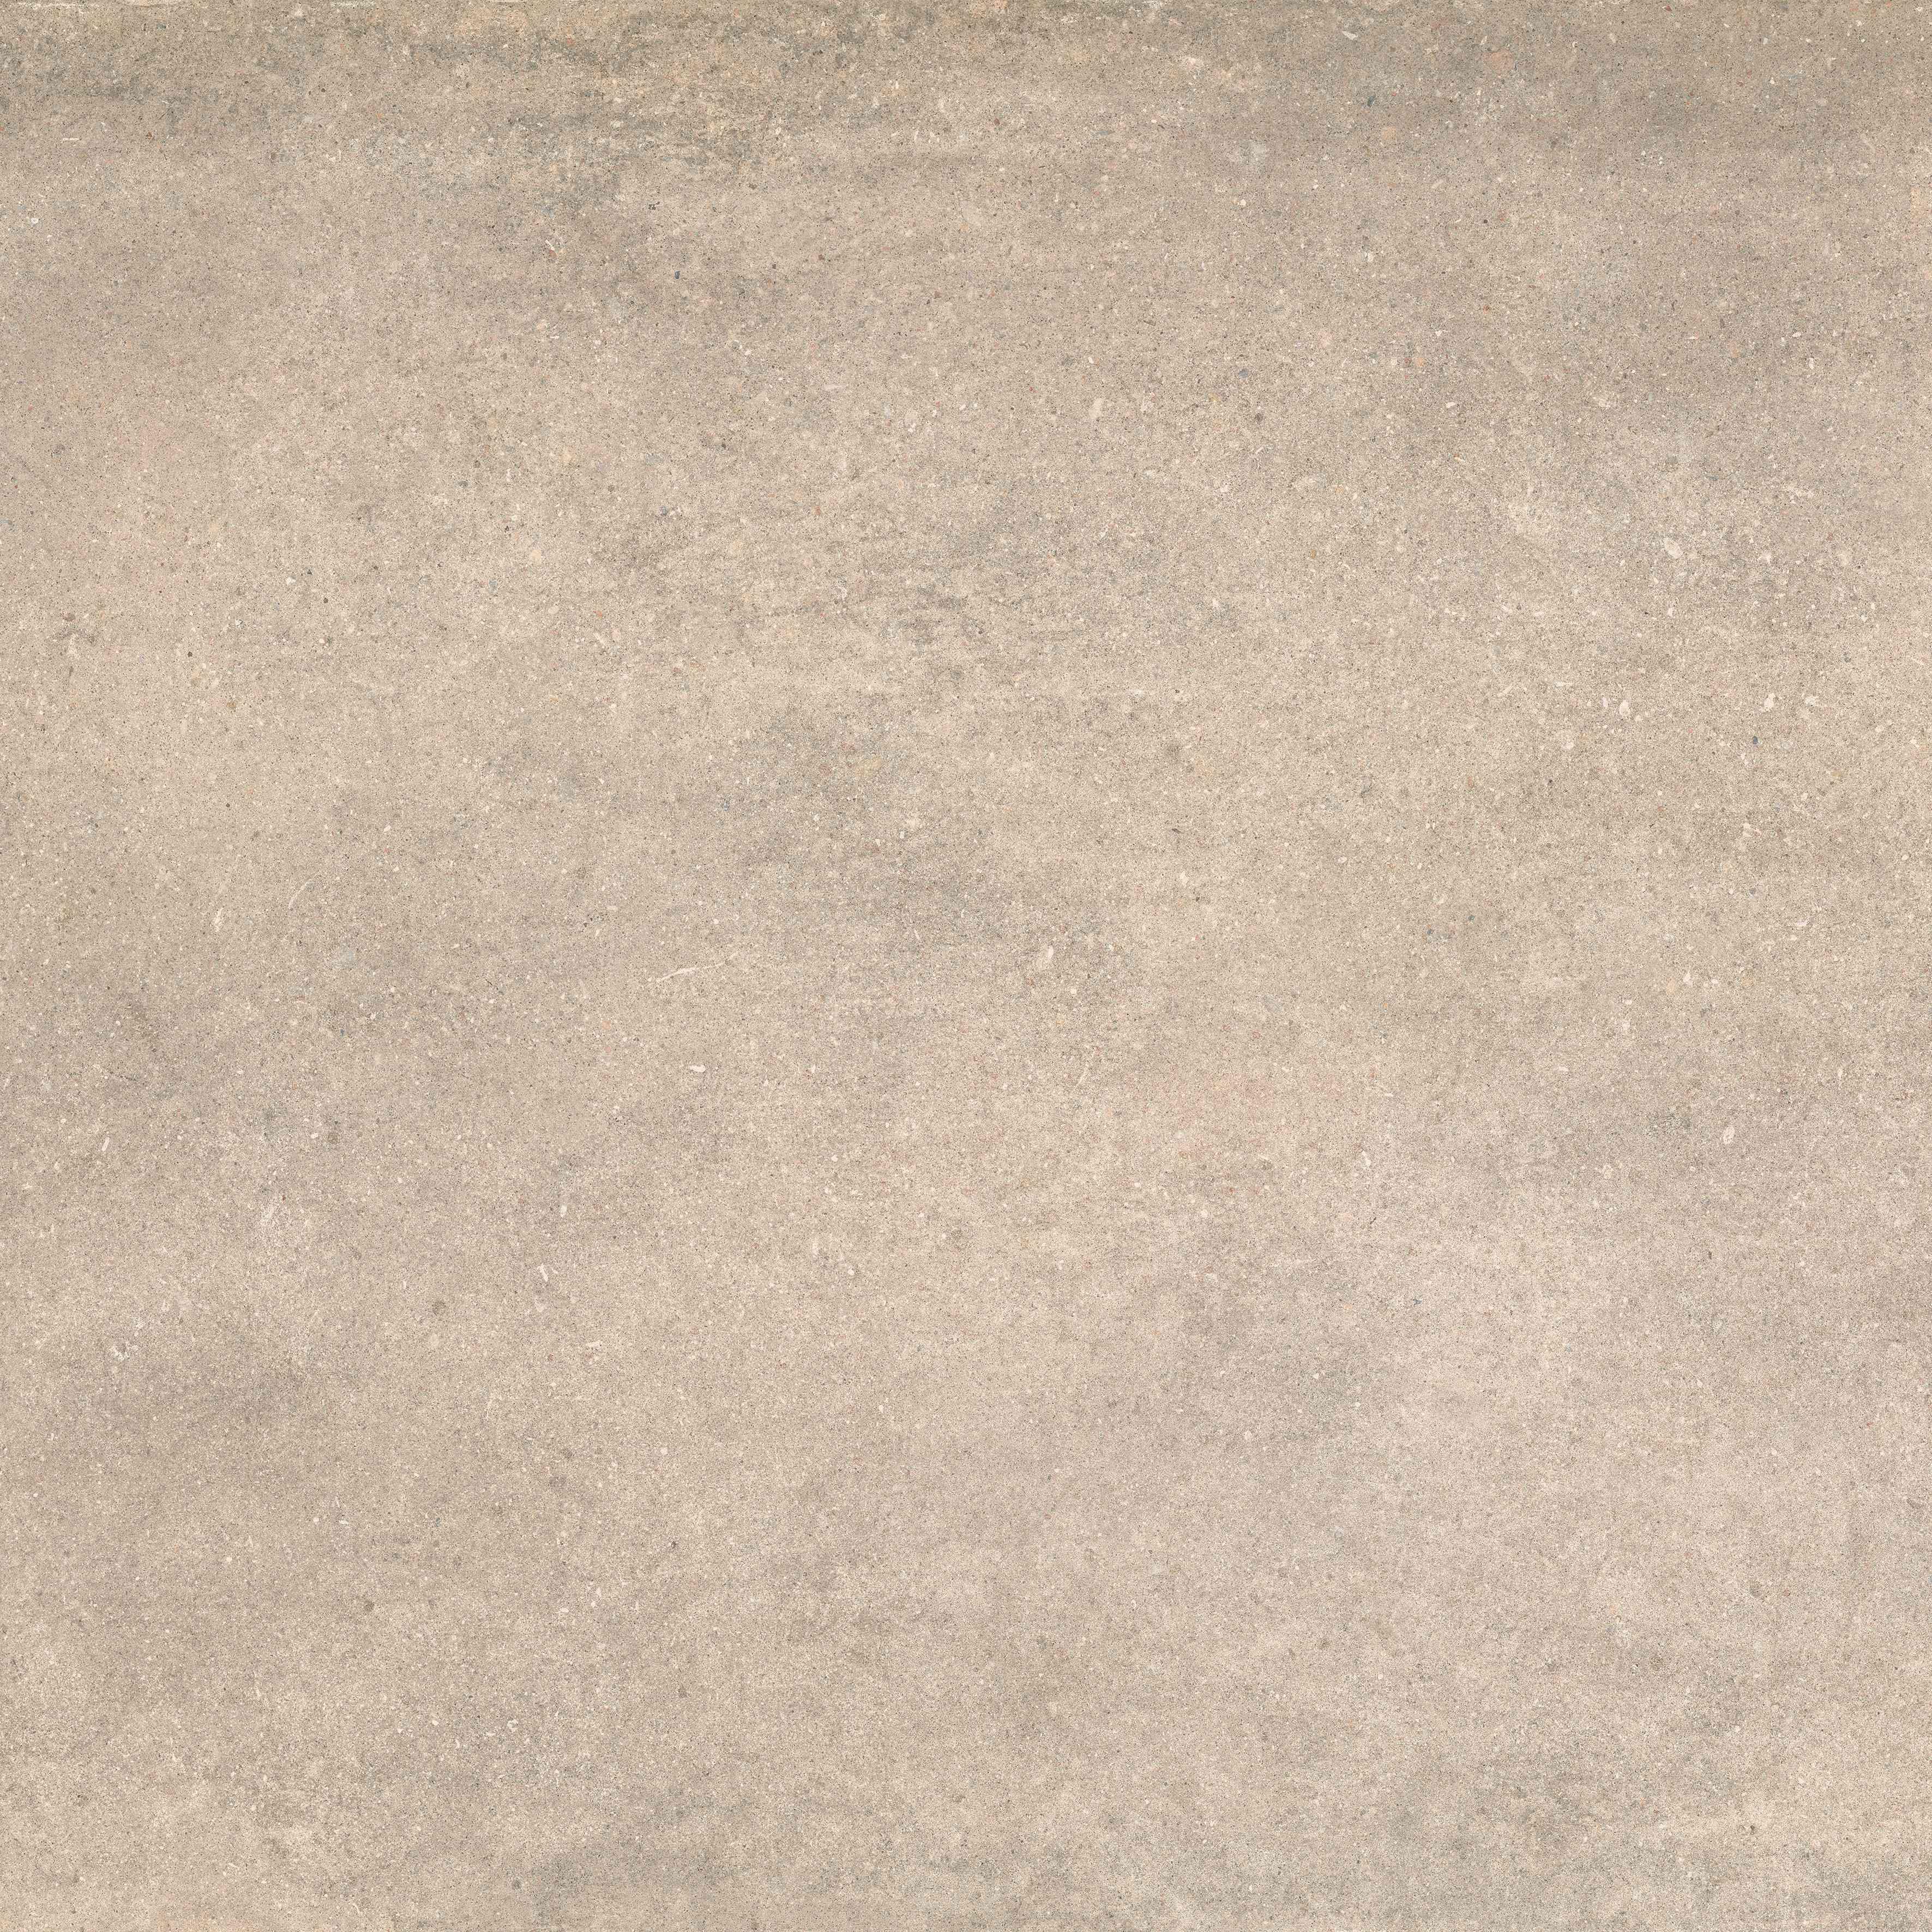 Плитка SABBIA (ZRXRM3R) изображение 3